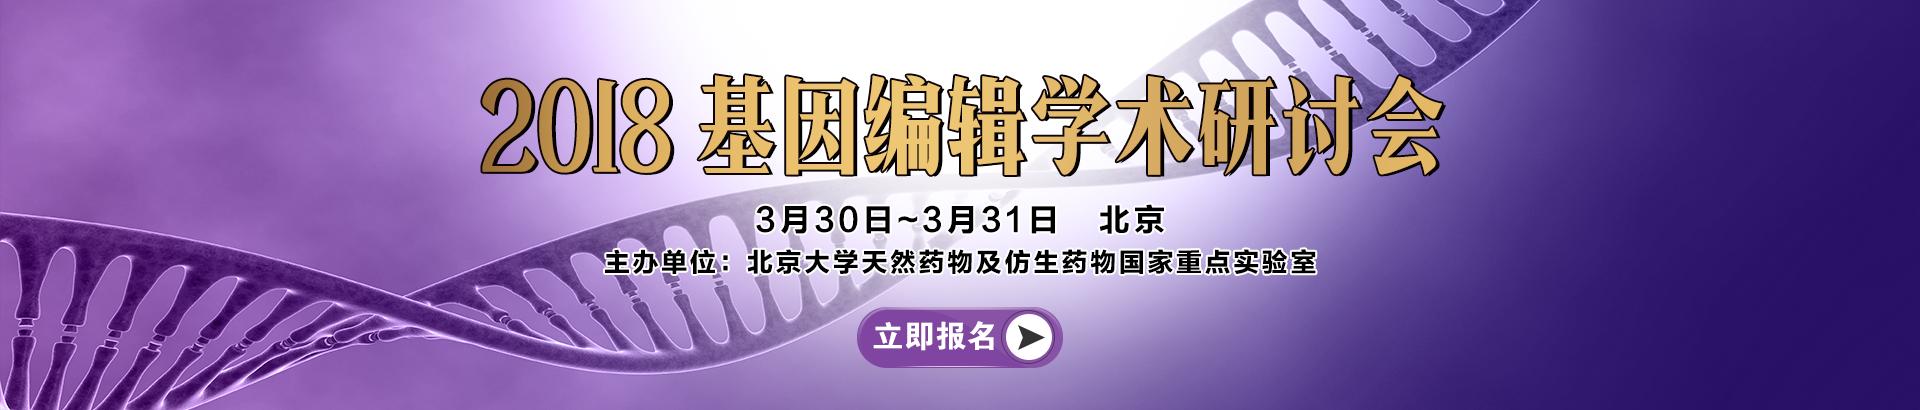 2018基因编辑学术研讨会  3月30-31 北京